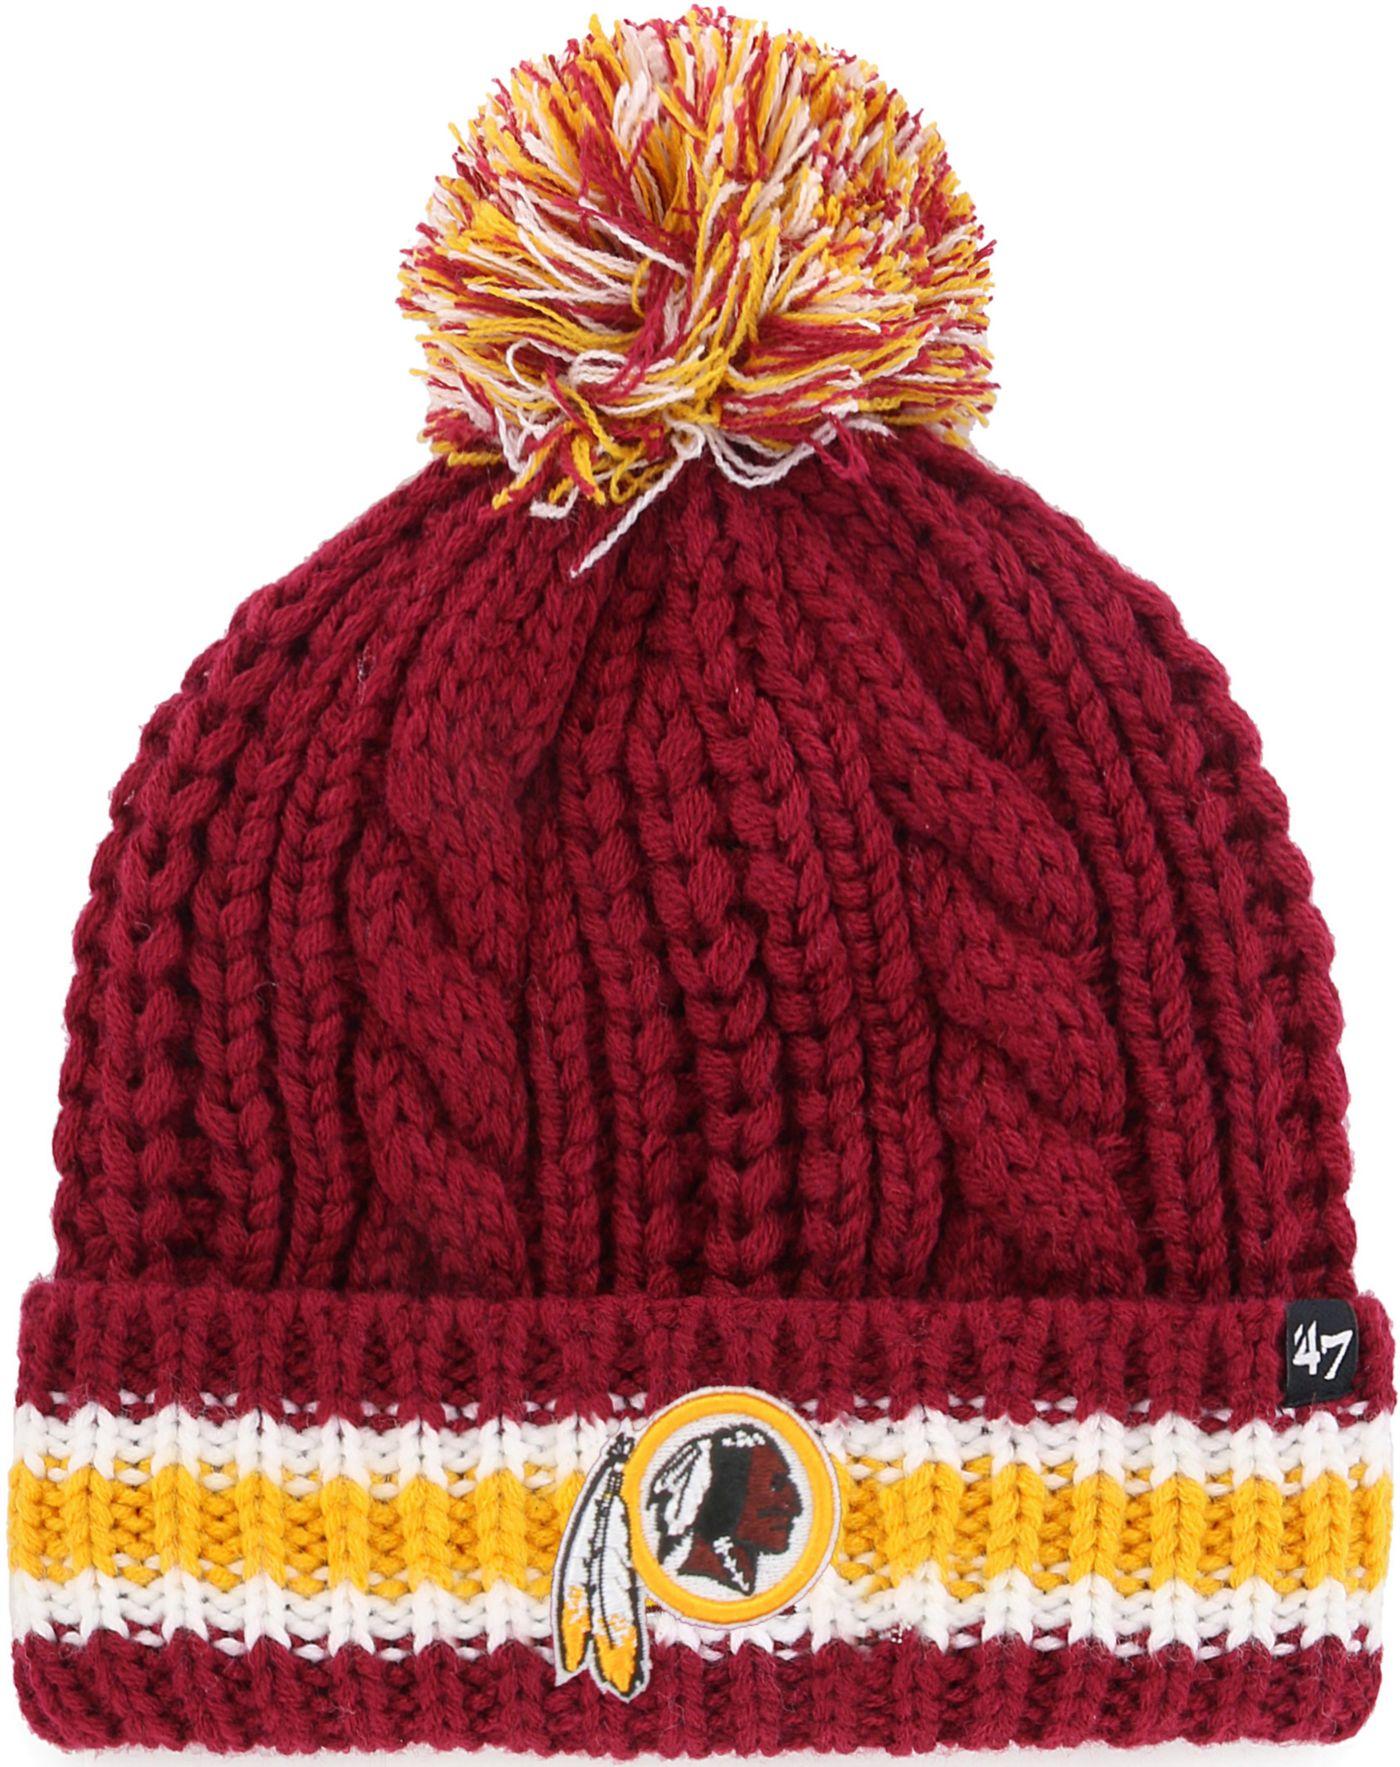 '47 Women's Washington Redskins Sorority Red Cuffed Pom Knit